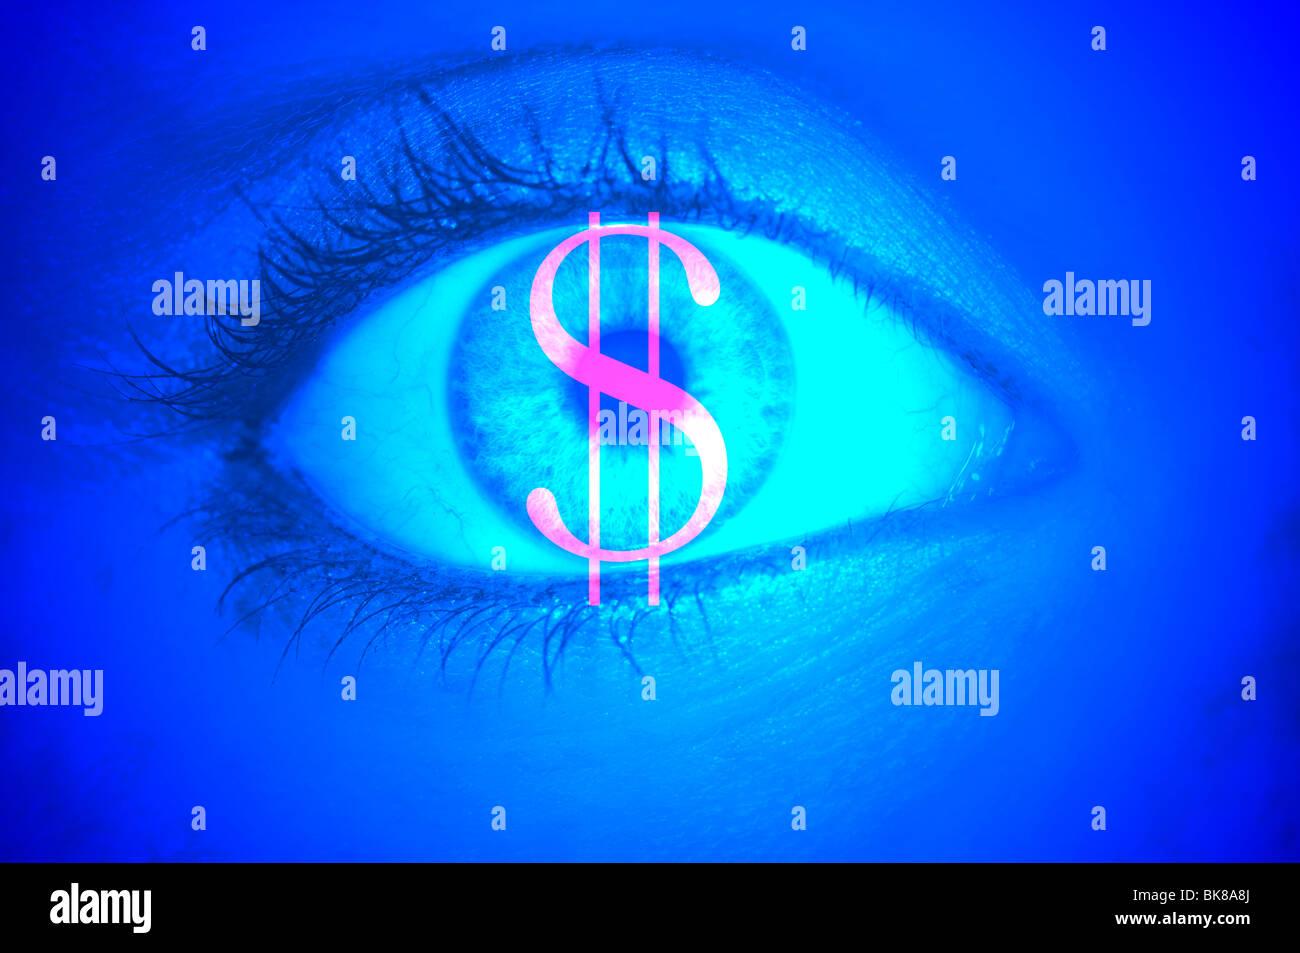 Close-up di un occhio con il simbolo euro, immagine simbolica per l'avidità Immagini Stock